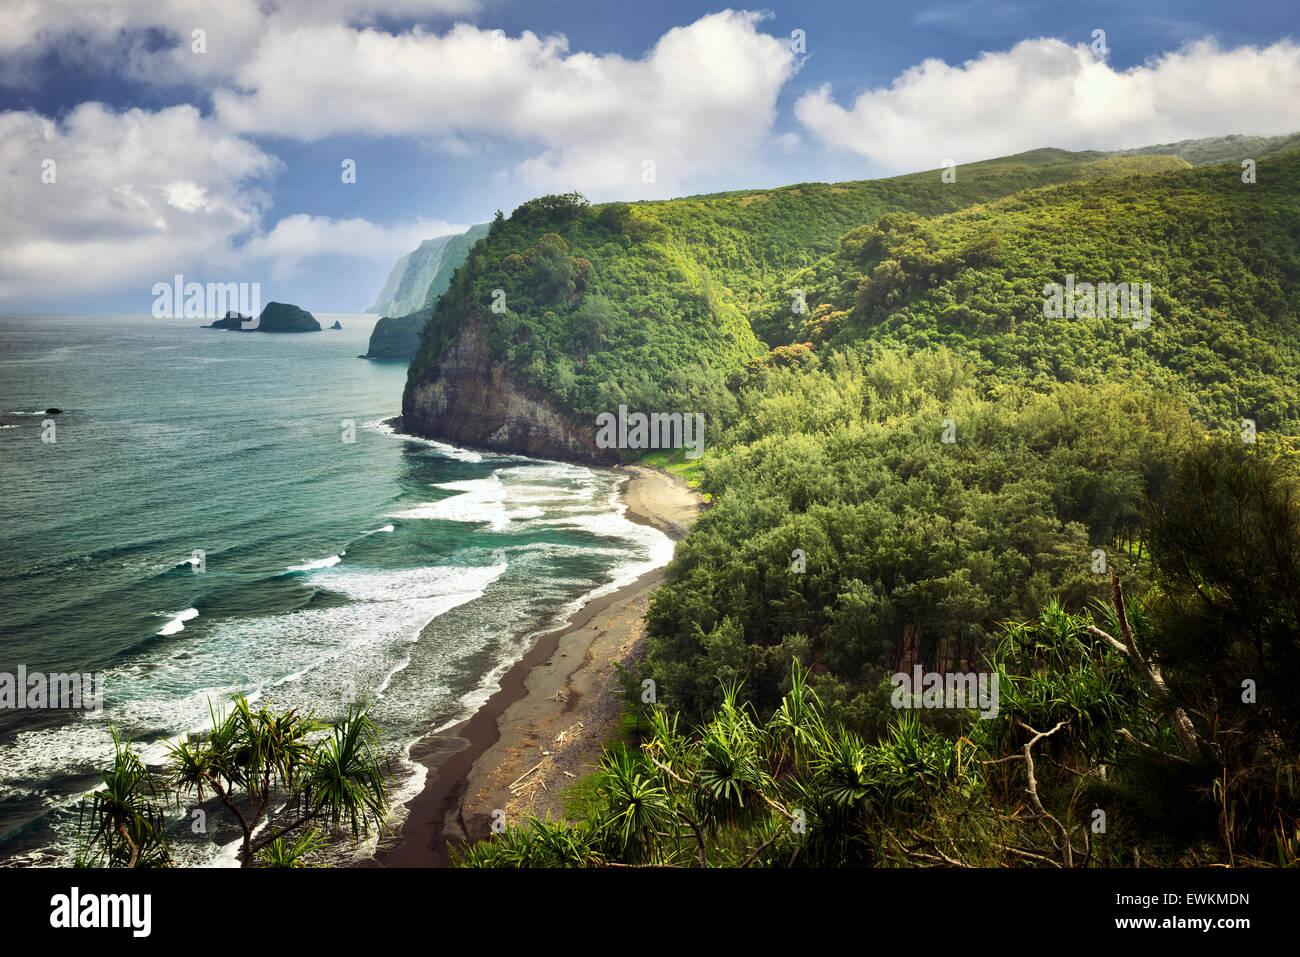 Litoral al valle de Pololu. Hawai, la Isla Grande. Imagen De Stock